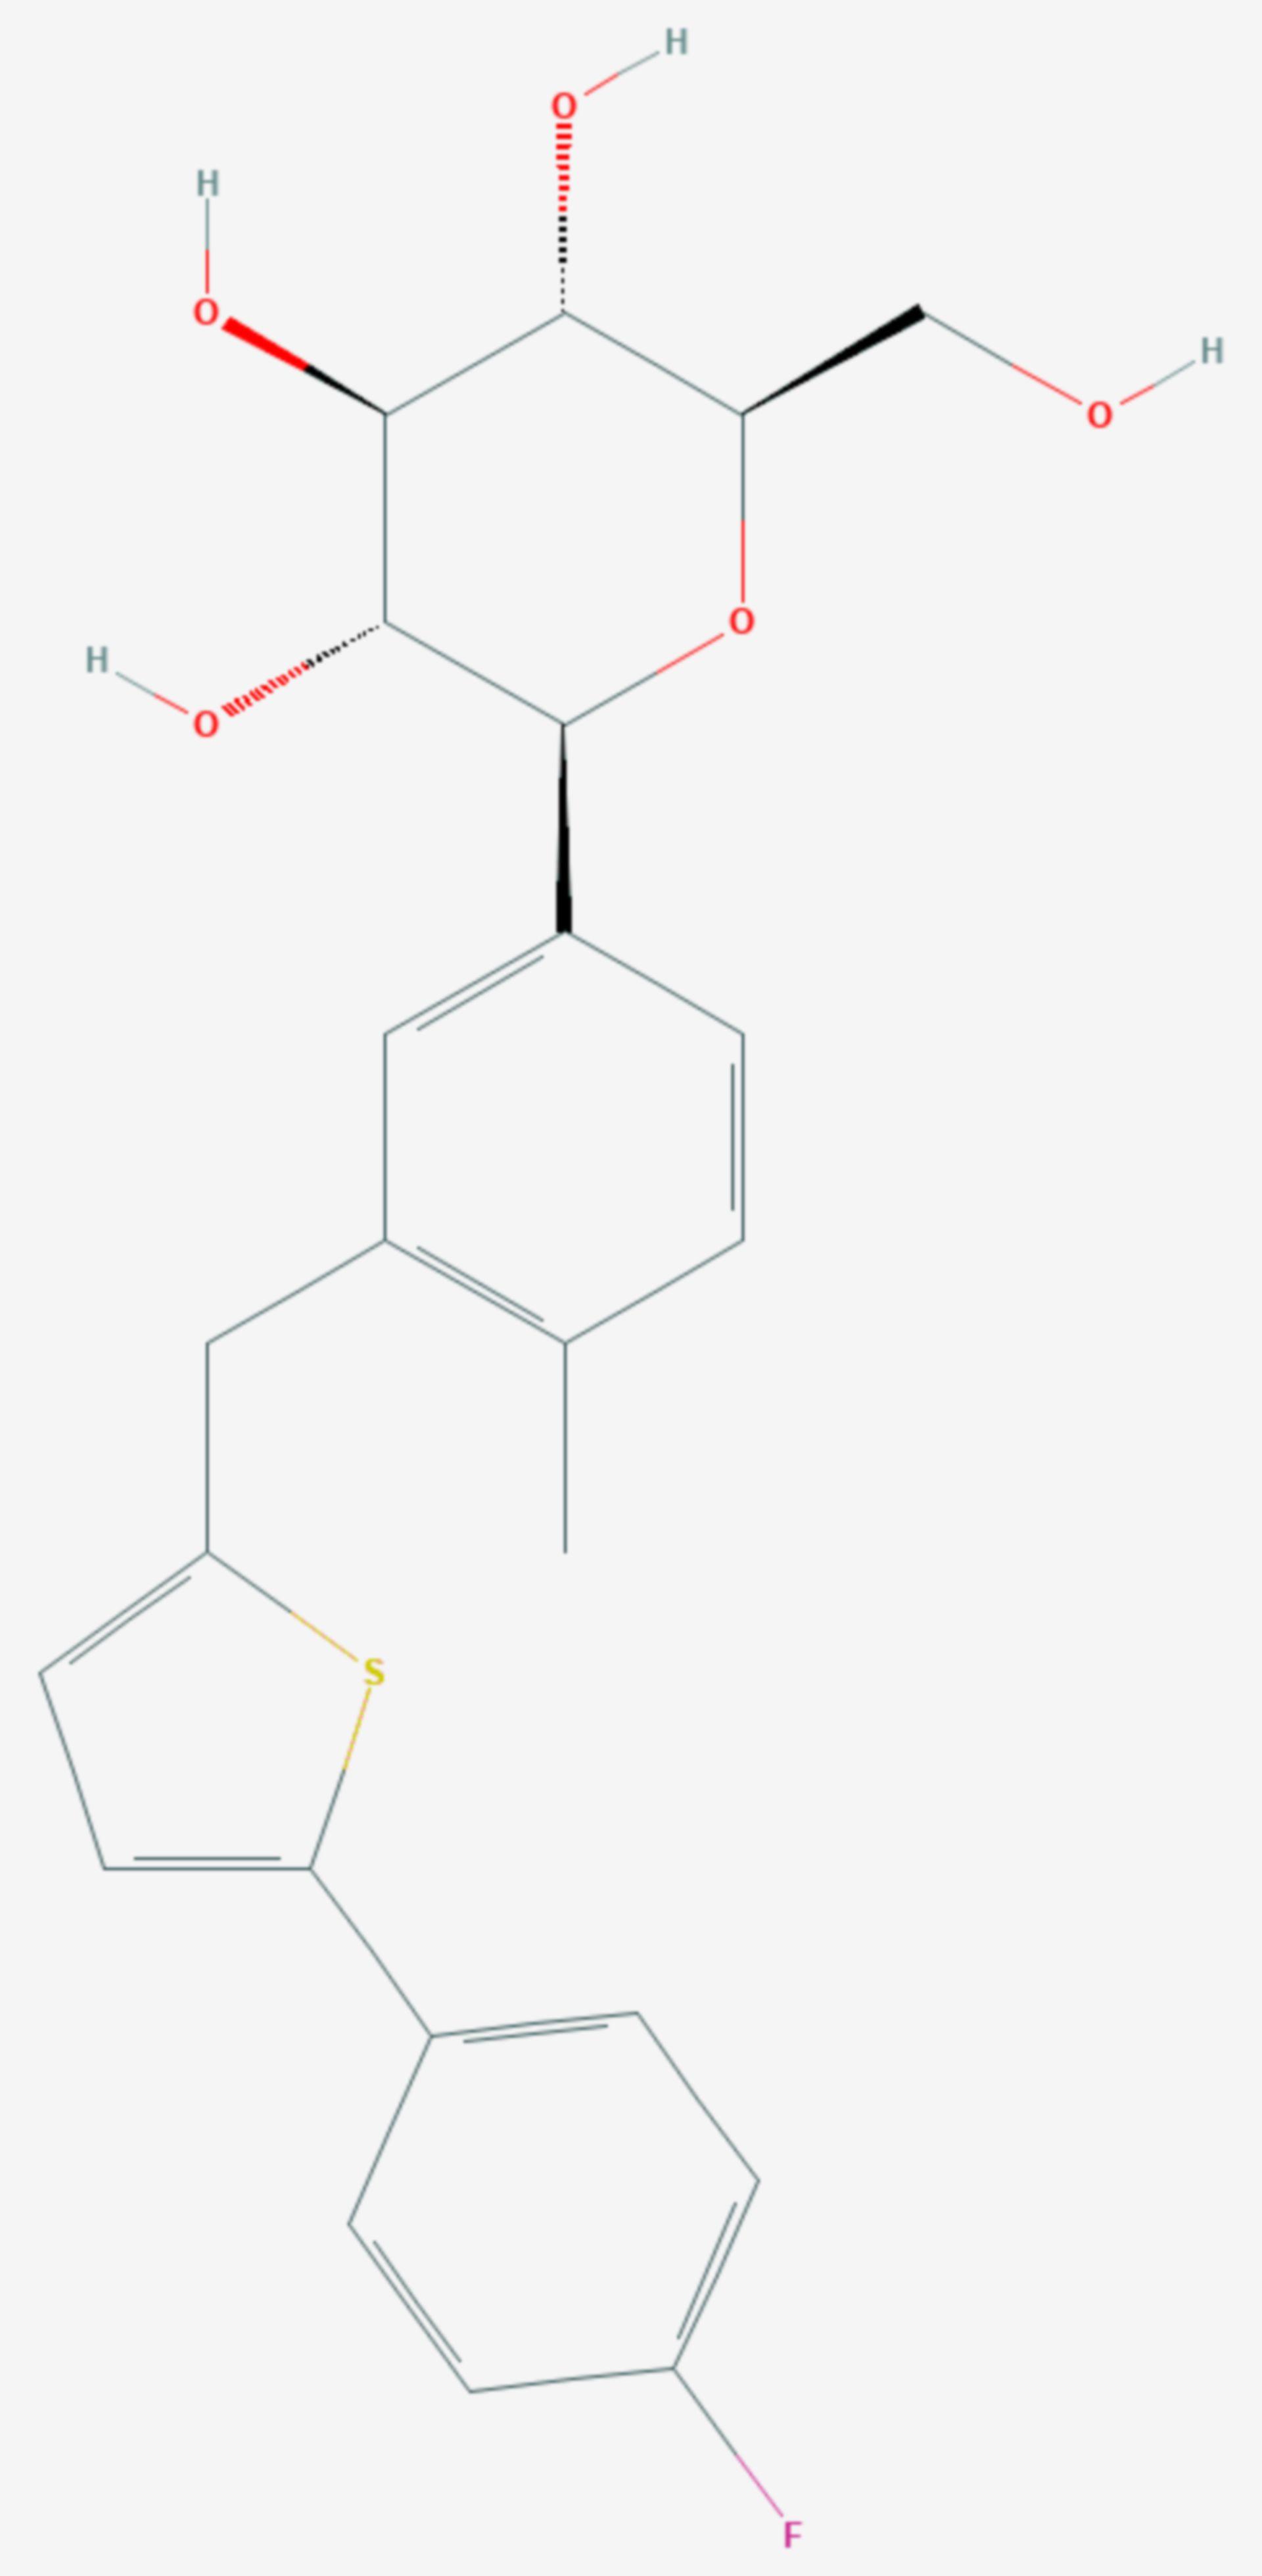 Canagliflozin (Strukturformel)